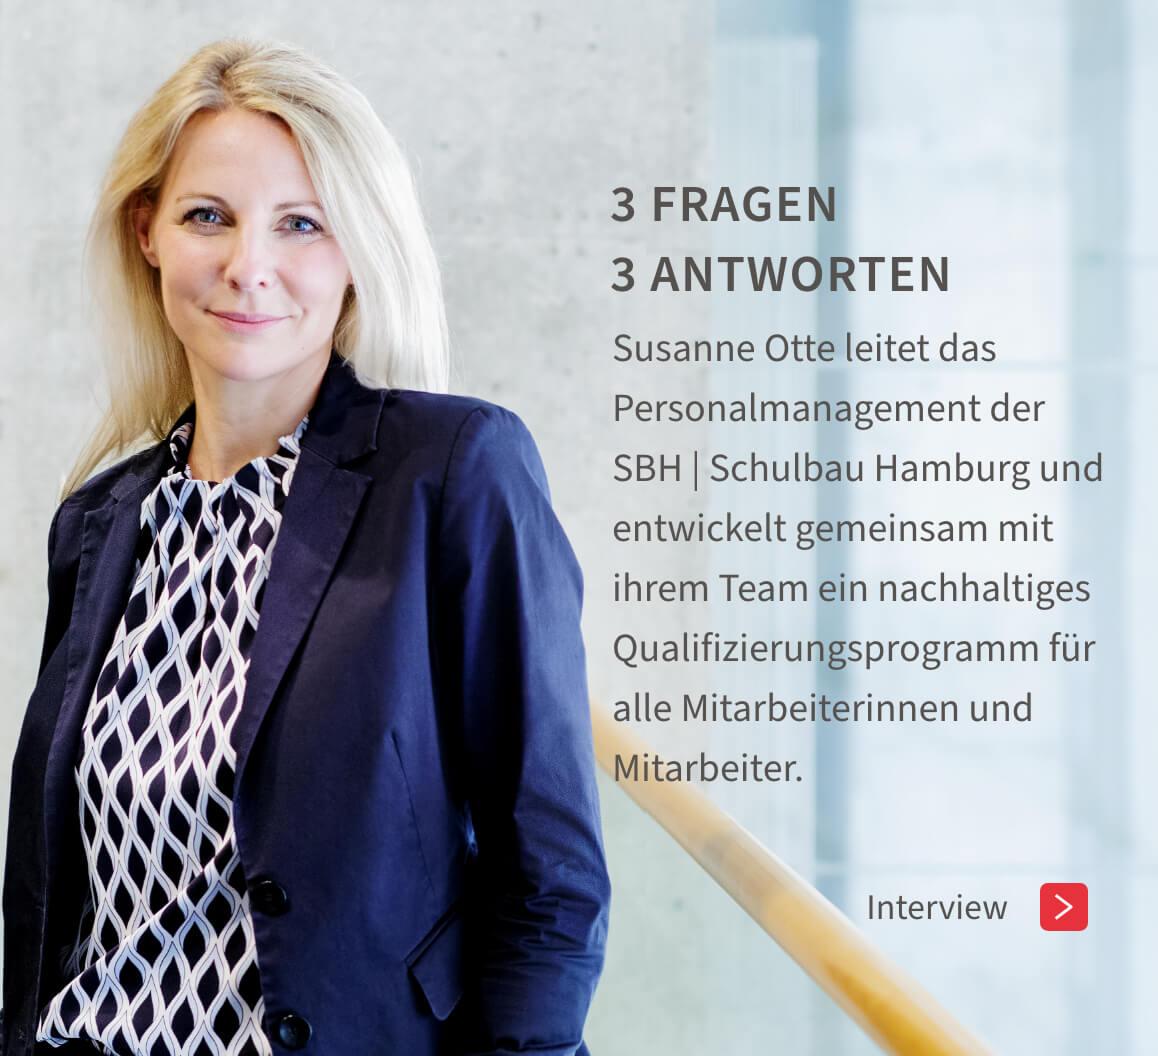 3 Fragen 3 Antworten - Interview - Susanne Otte – Christian Spielmann